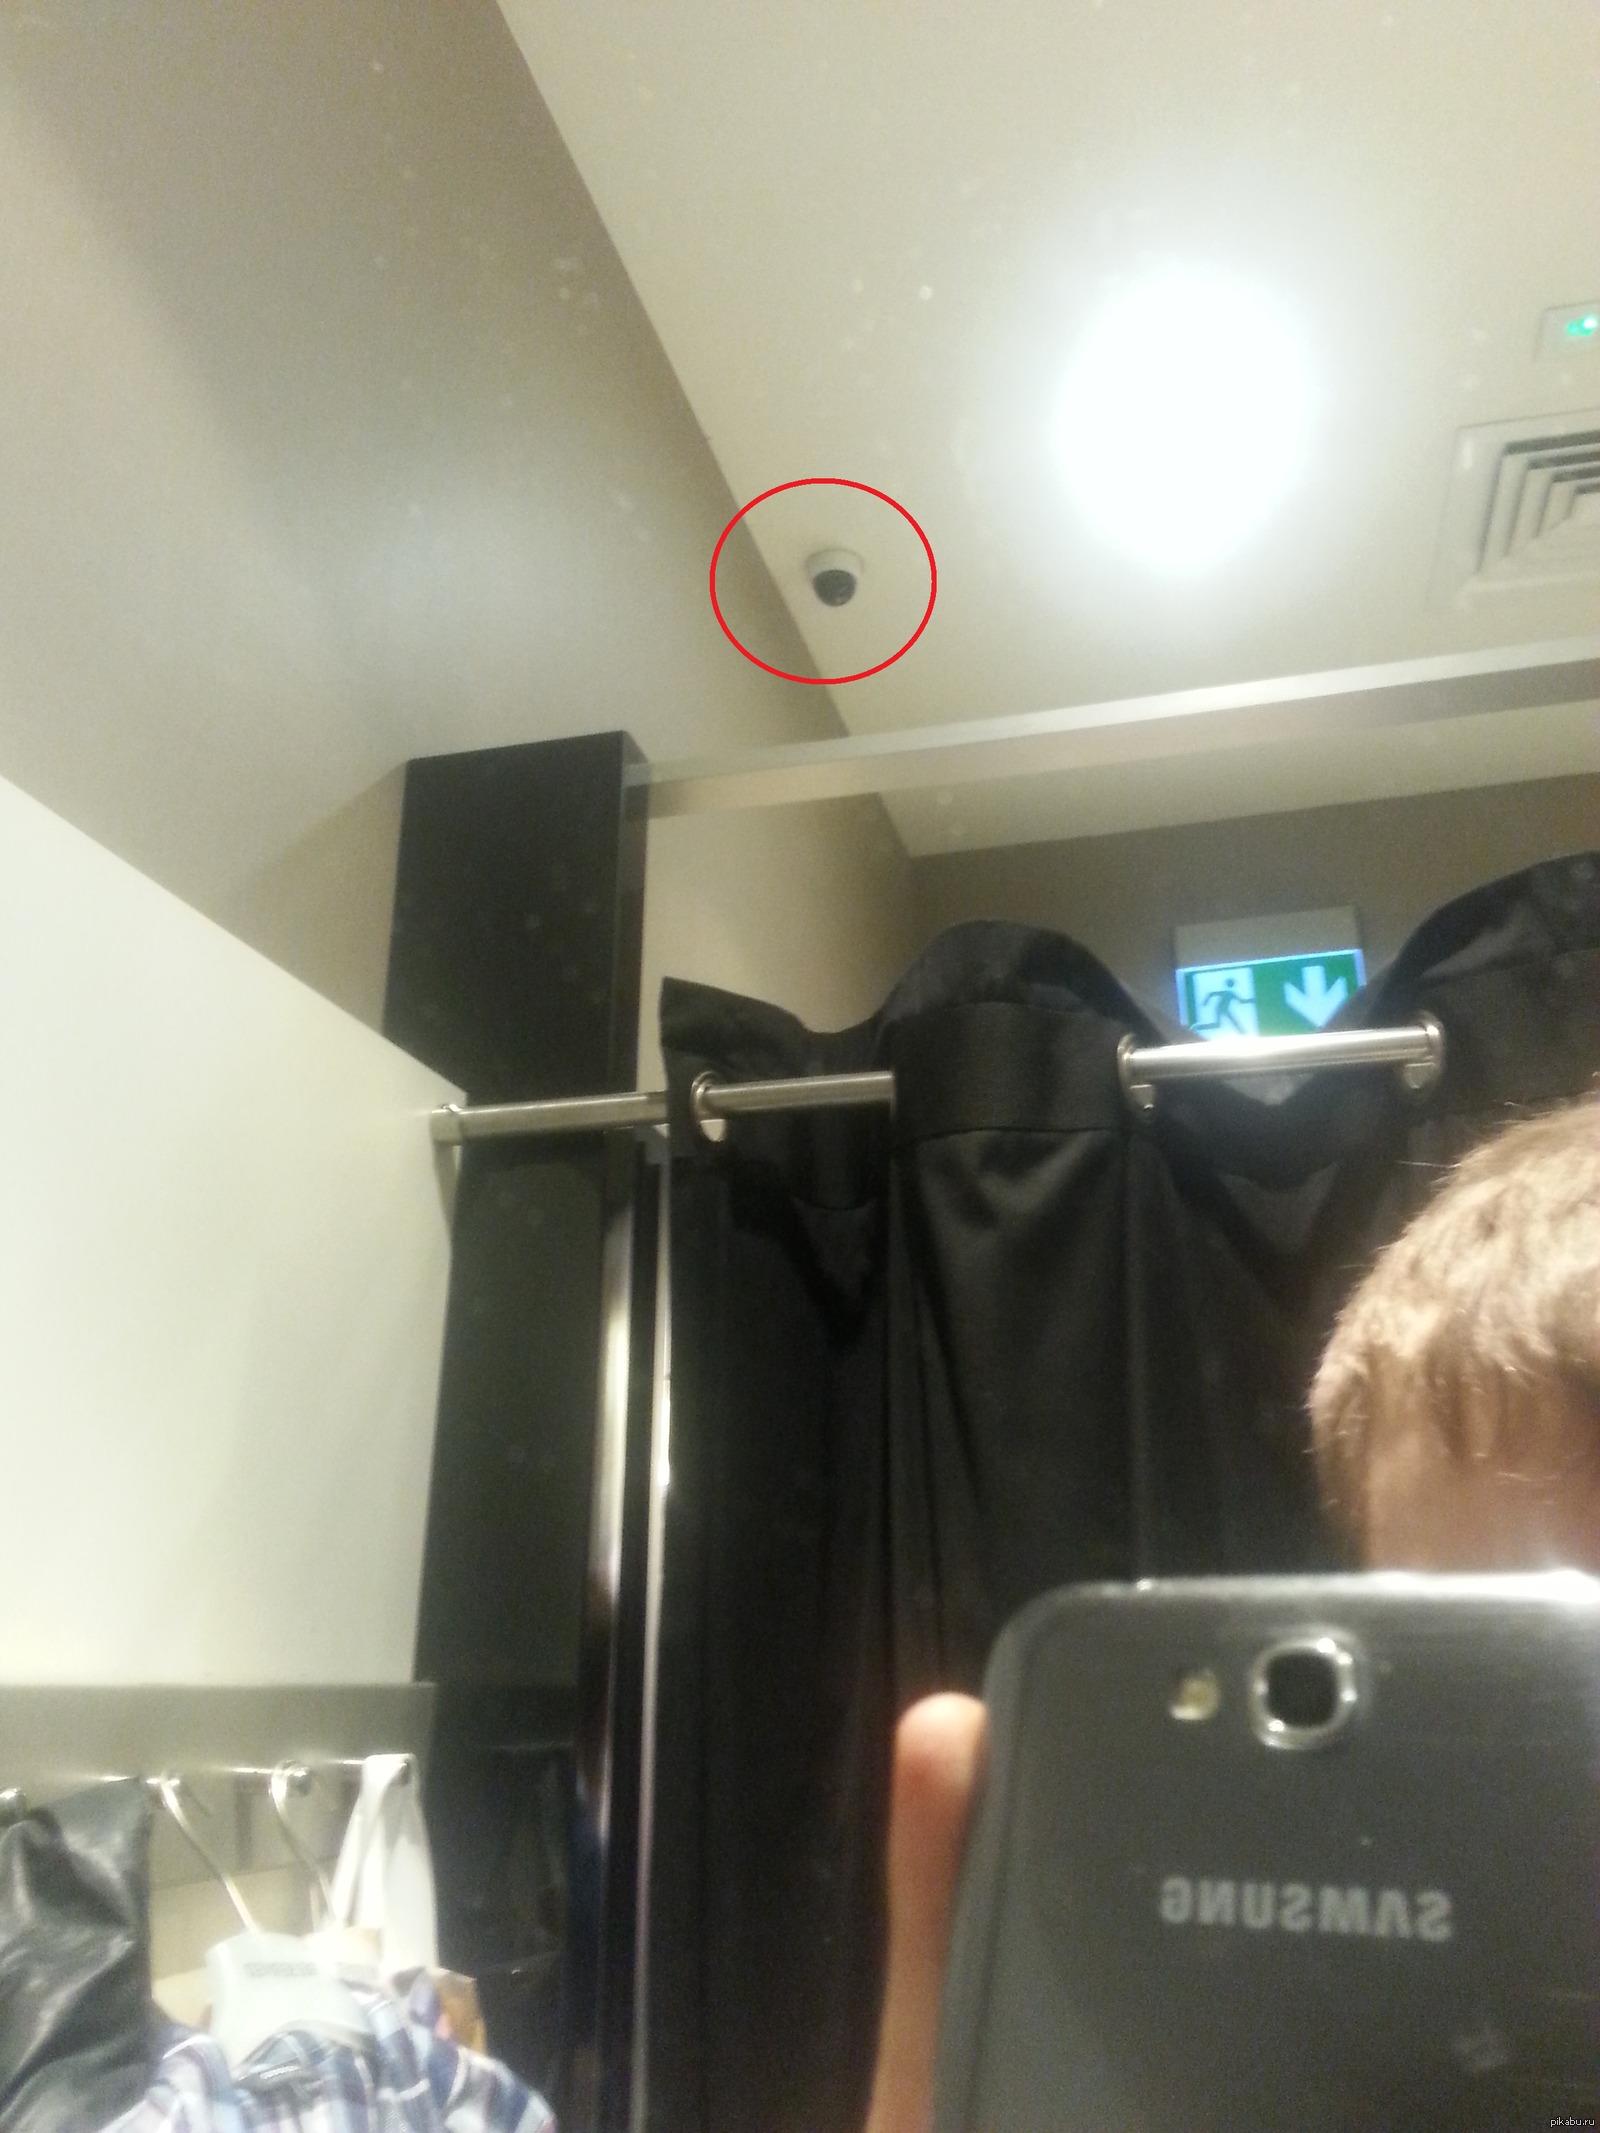 Есть камера в раздевалках порно высшей категории